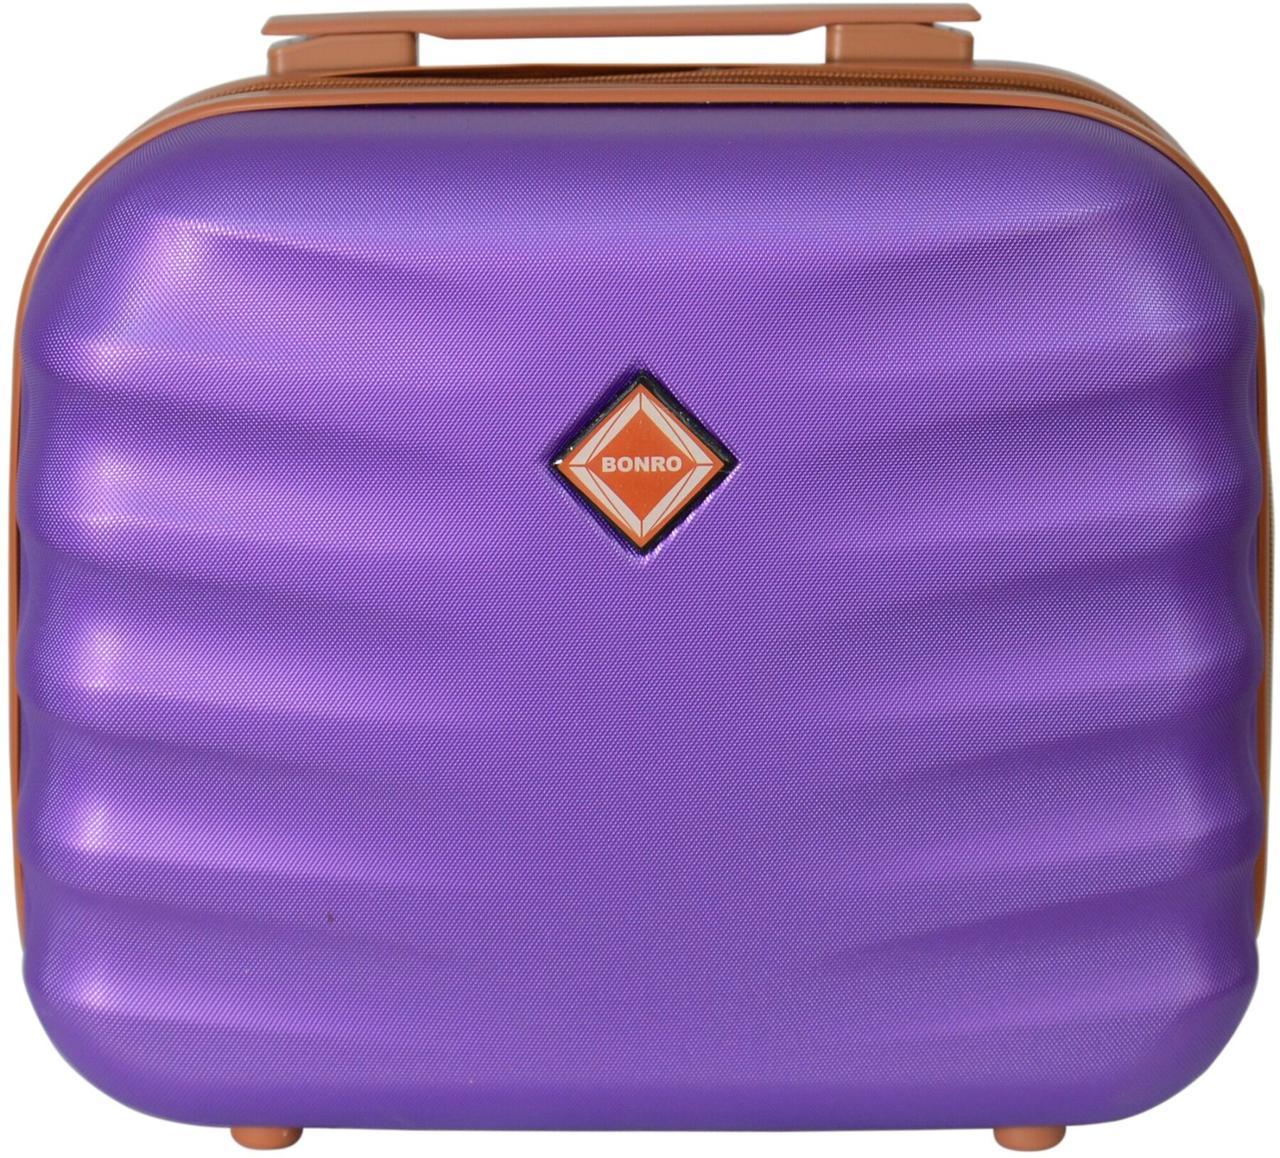 Кейс дорожній Bonro Next середній фіолетовий (10060103)